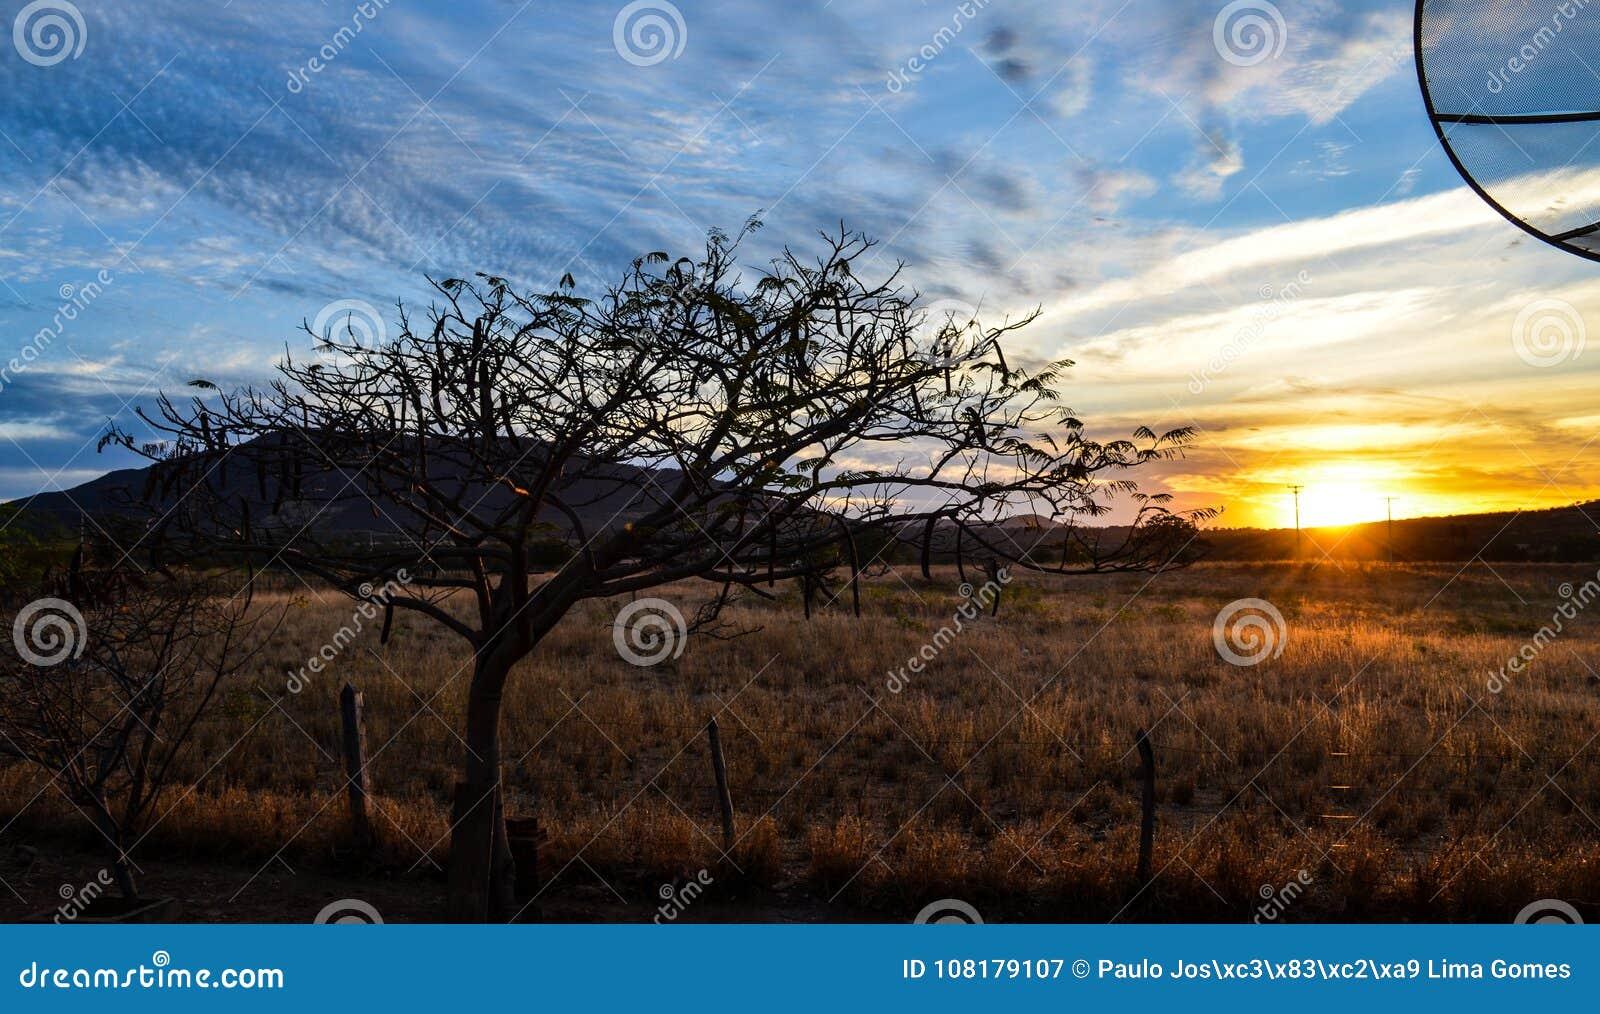 Bel arbre spécial avec les branches sèches dans le coucher du soleil avec des barrières de ferme